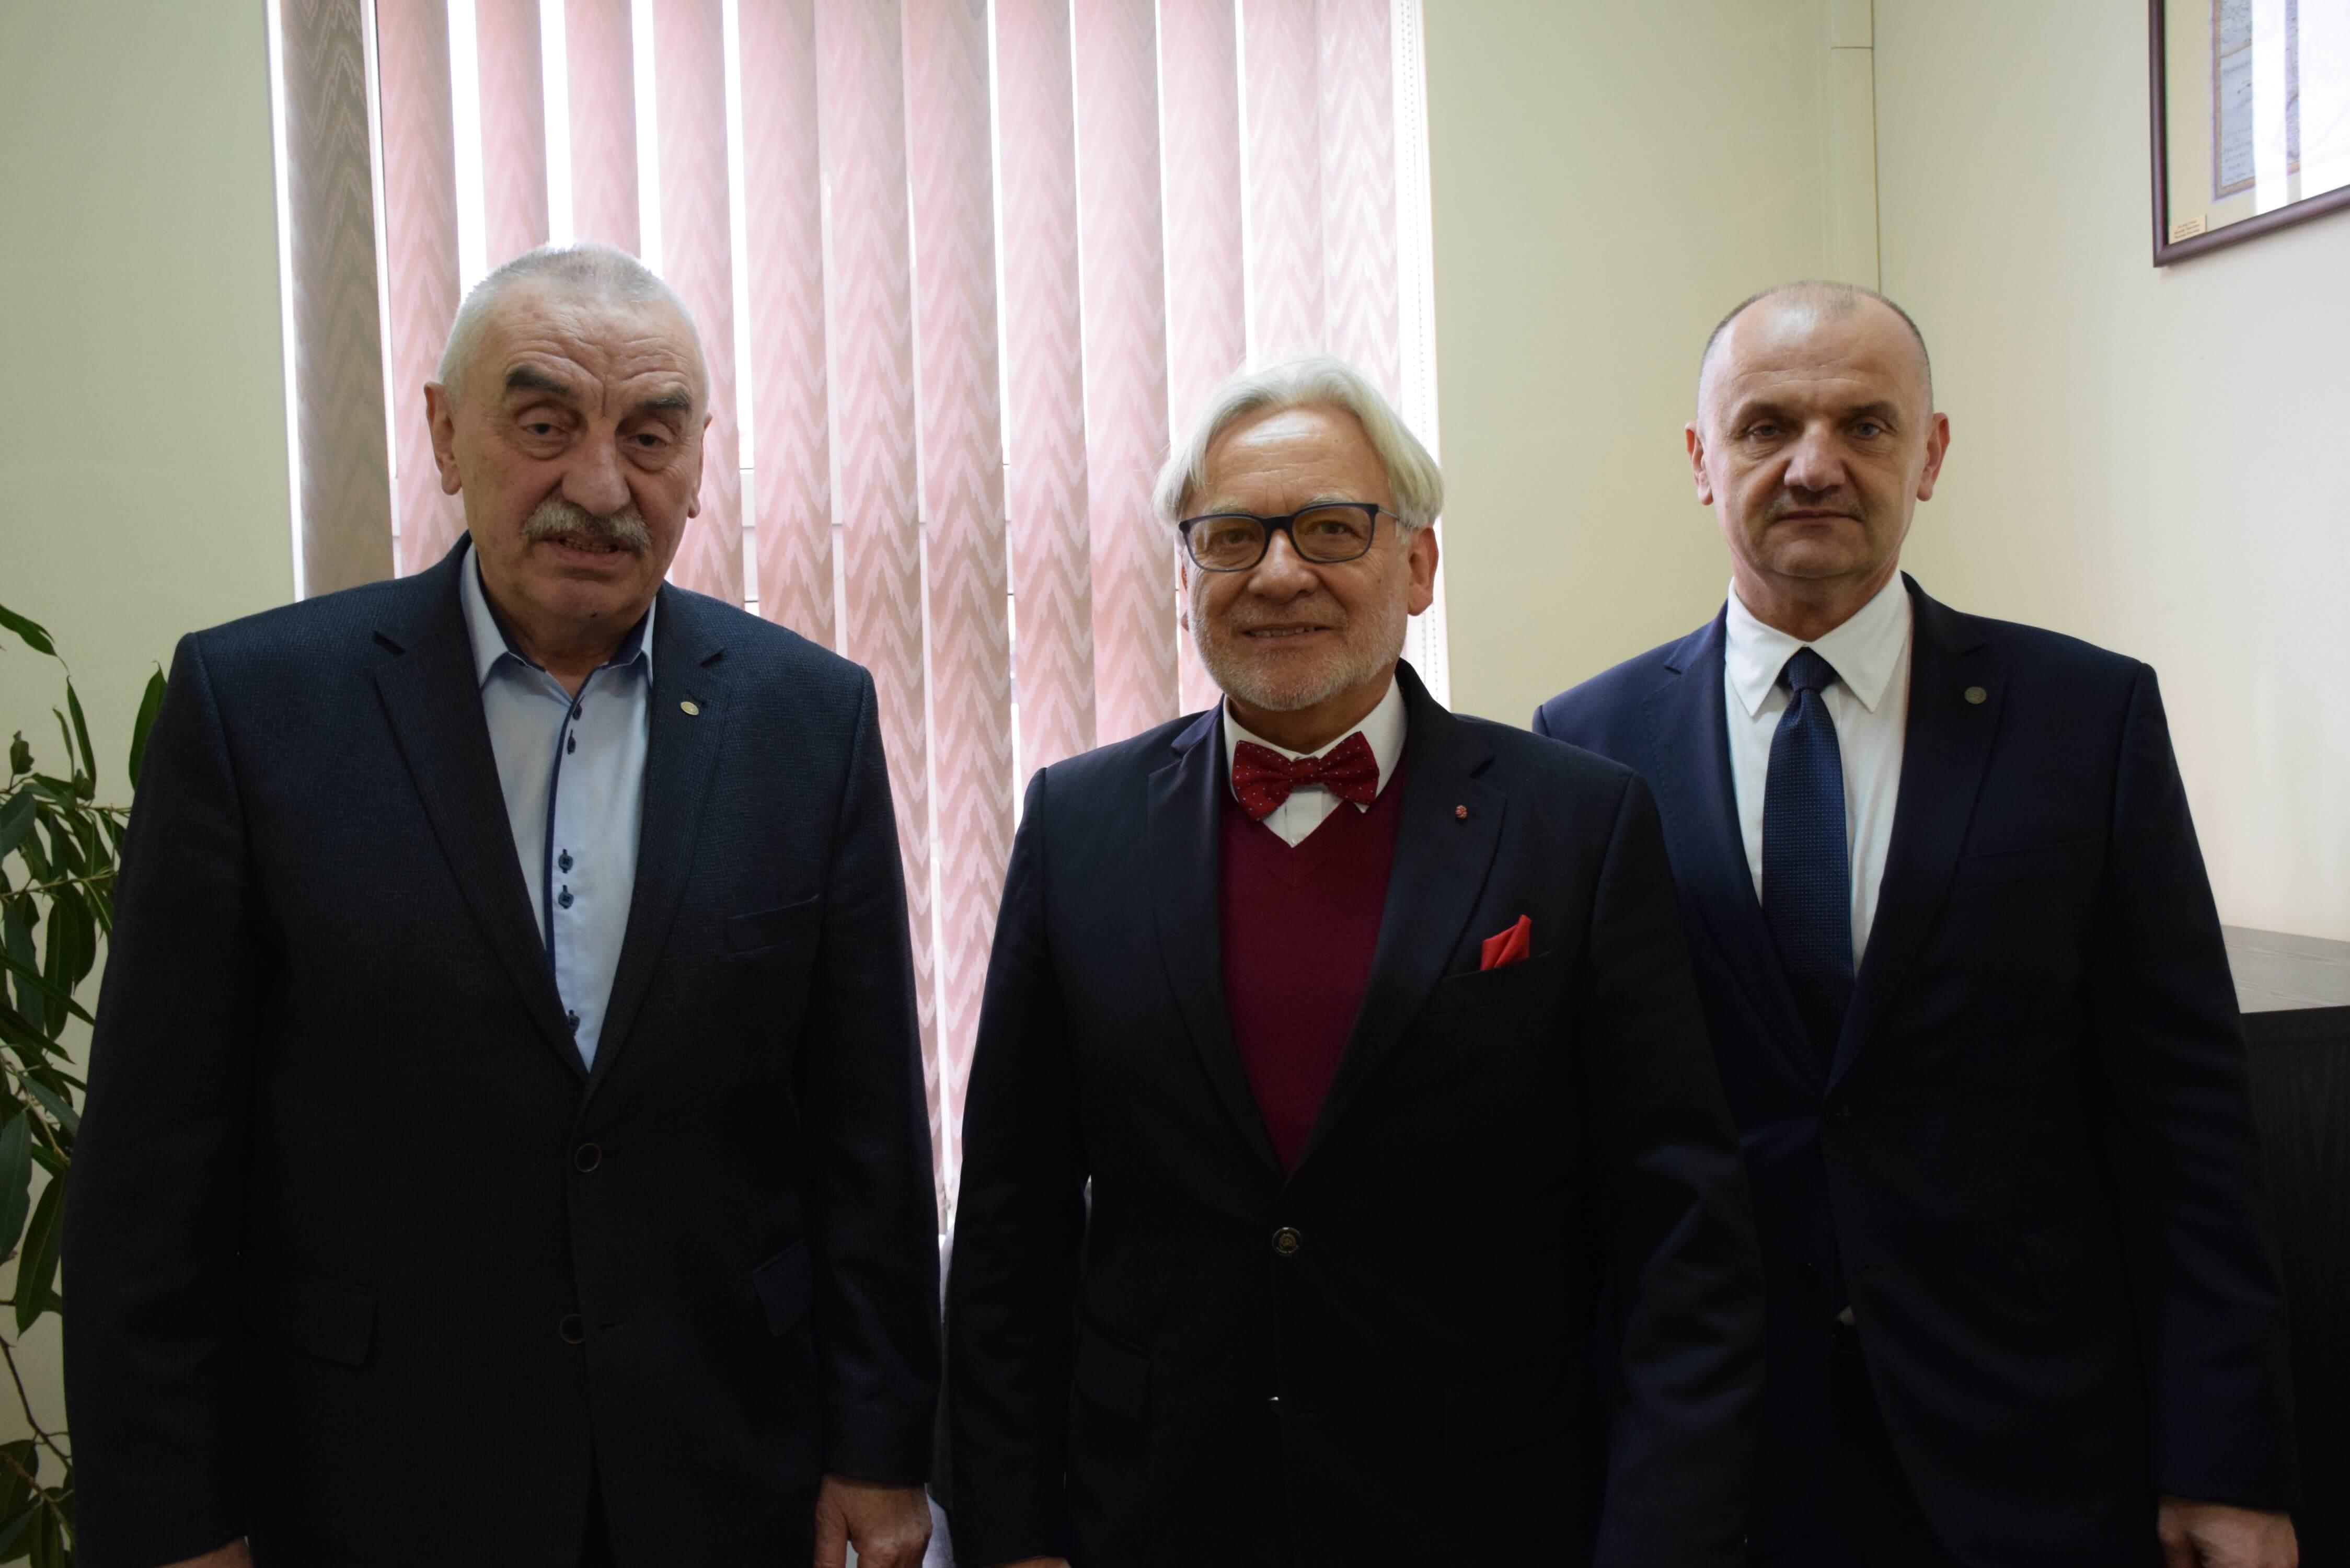 Wizyta Wiceministra Maksymowicza w PWSZ